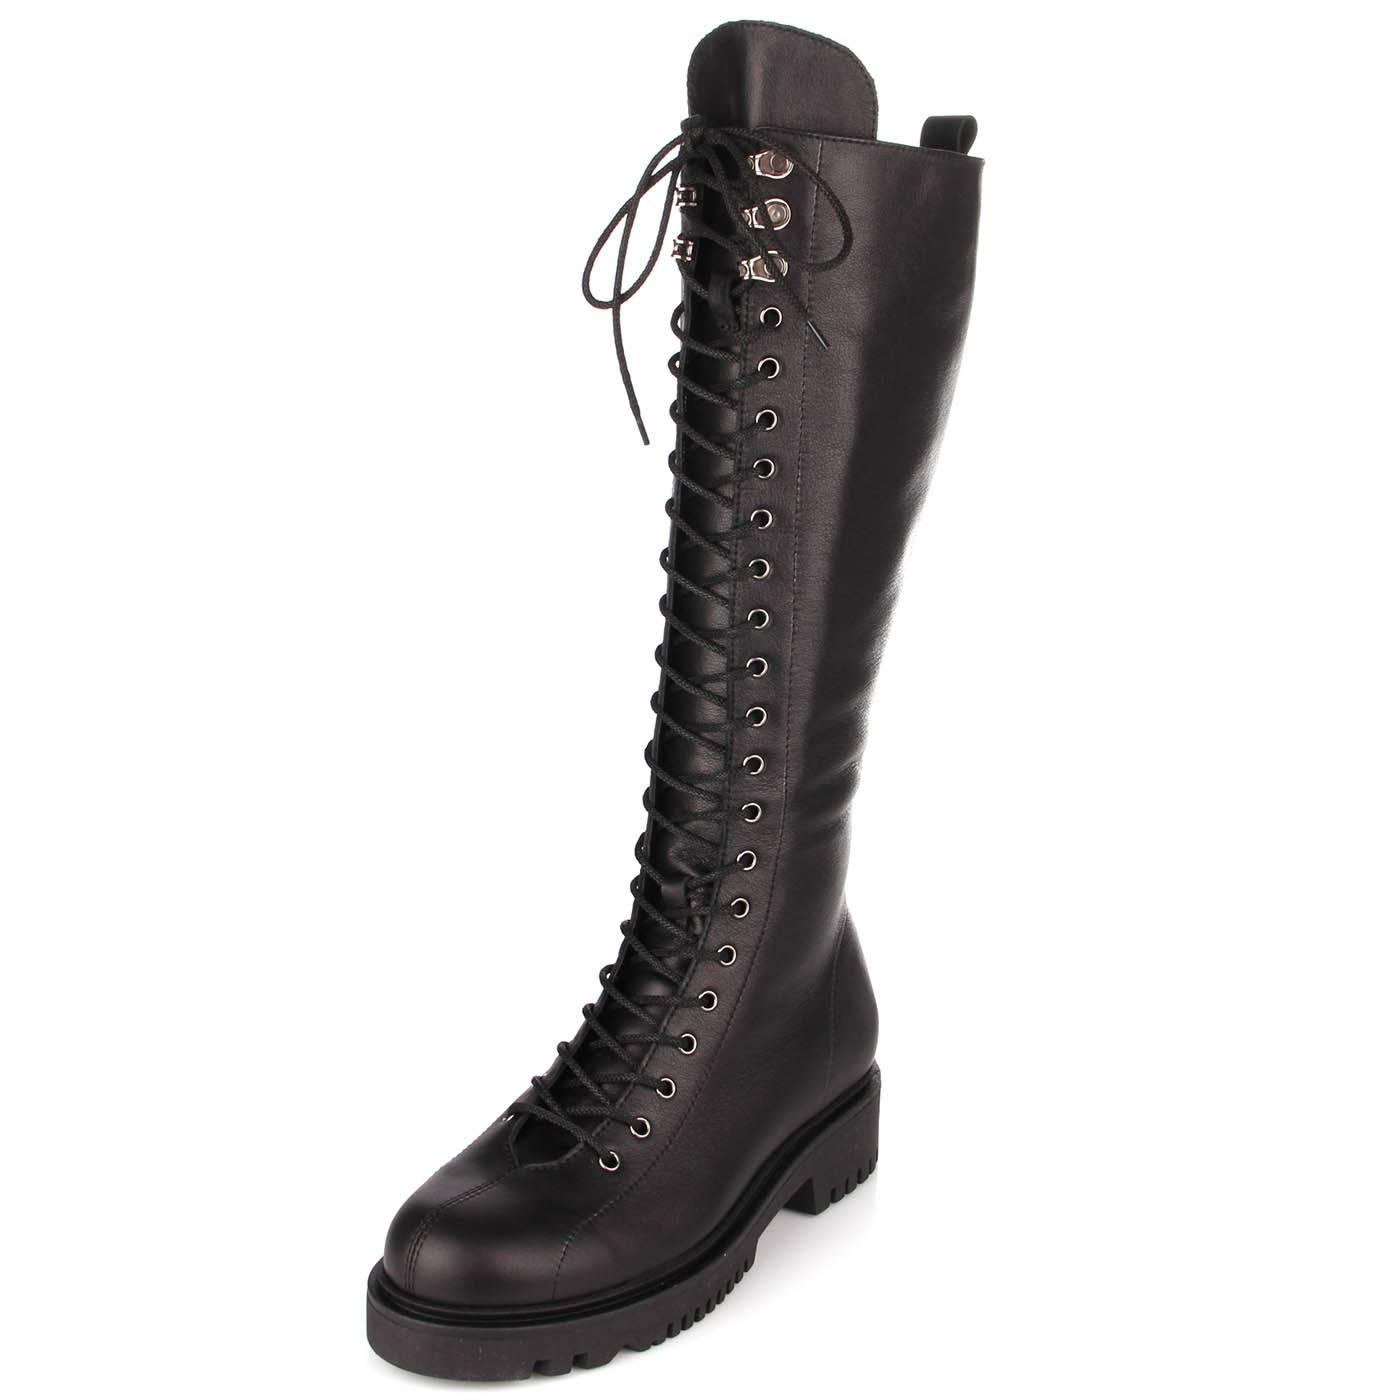 Чоботи жіночі bosa 7223 Чорний купить по выгодной цене в интернет ... 4d46282f4946c